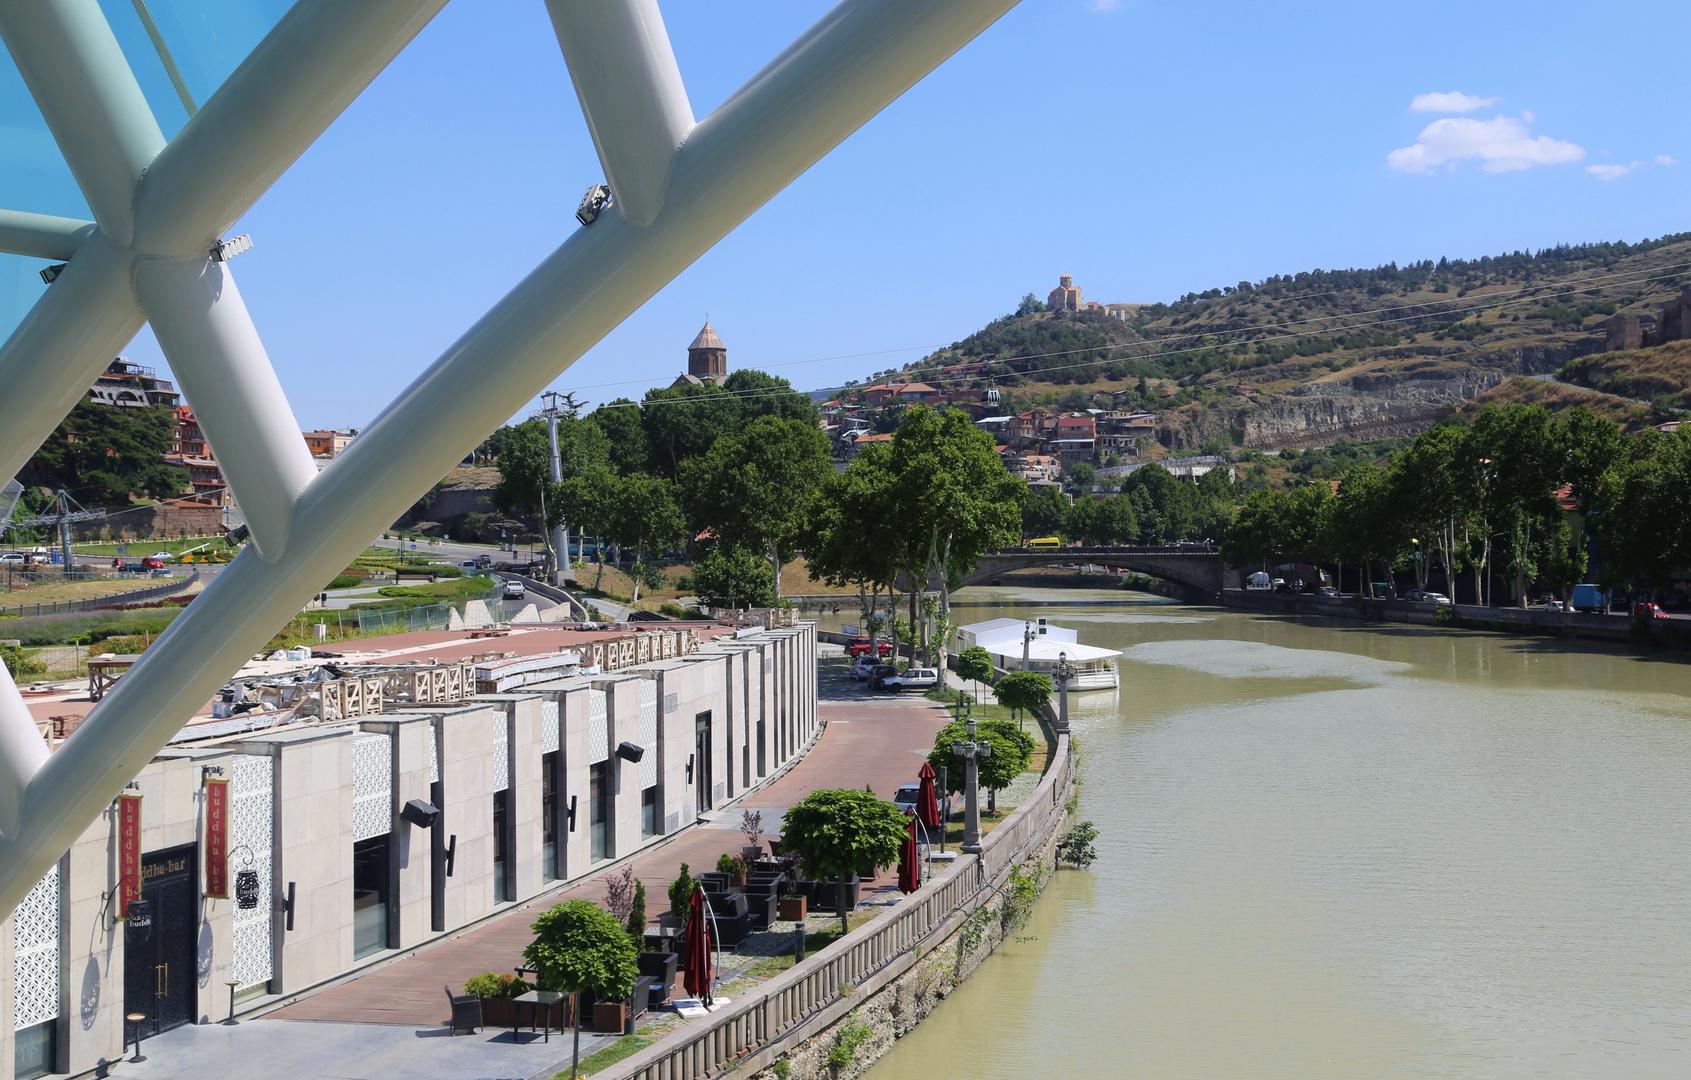 The Bridge of Peace (Tbilisi)